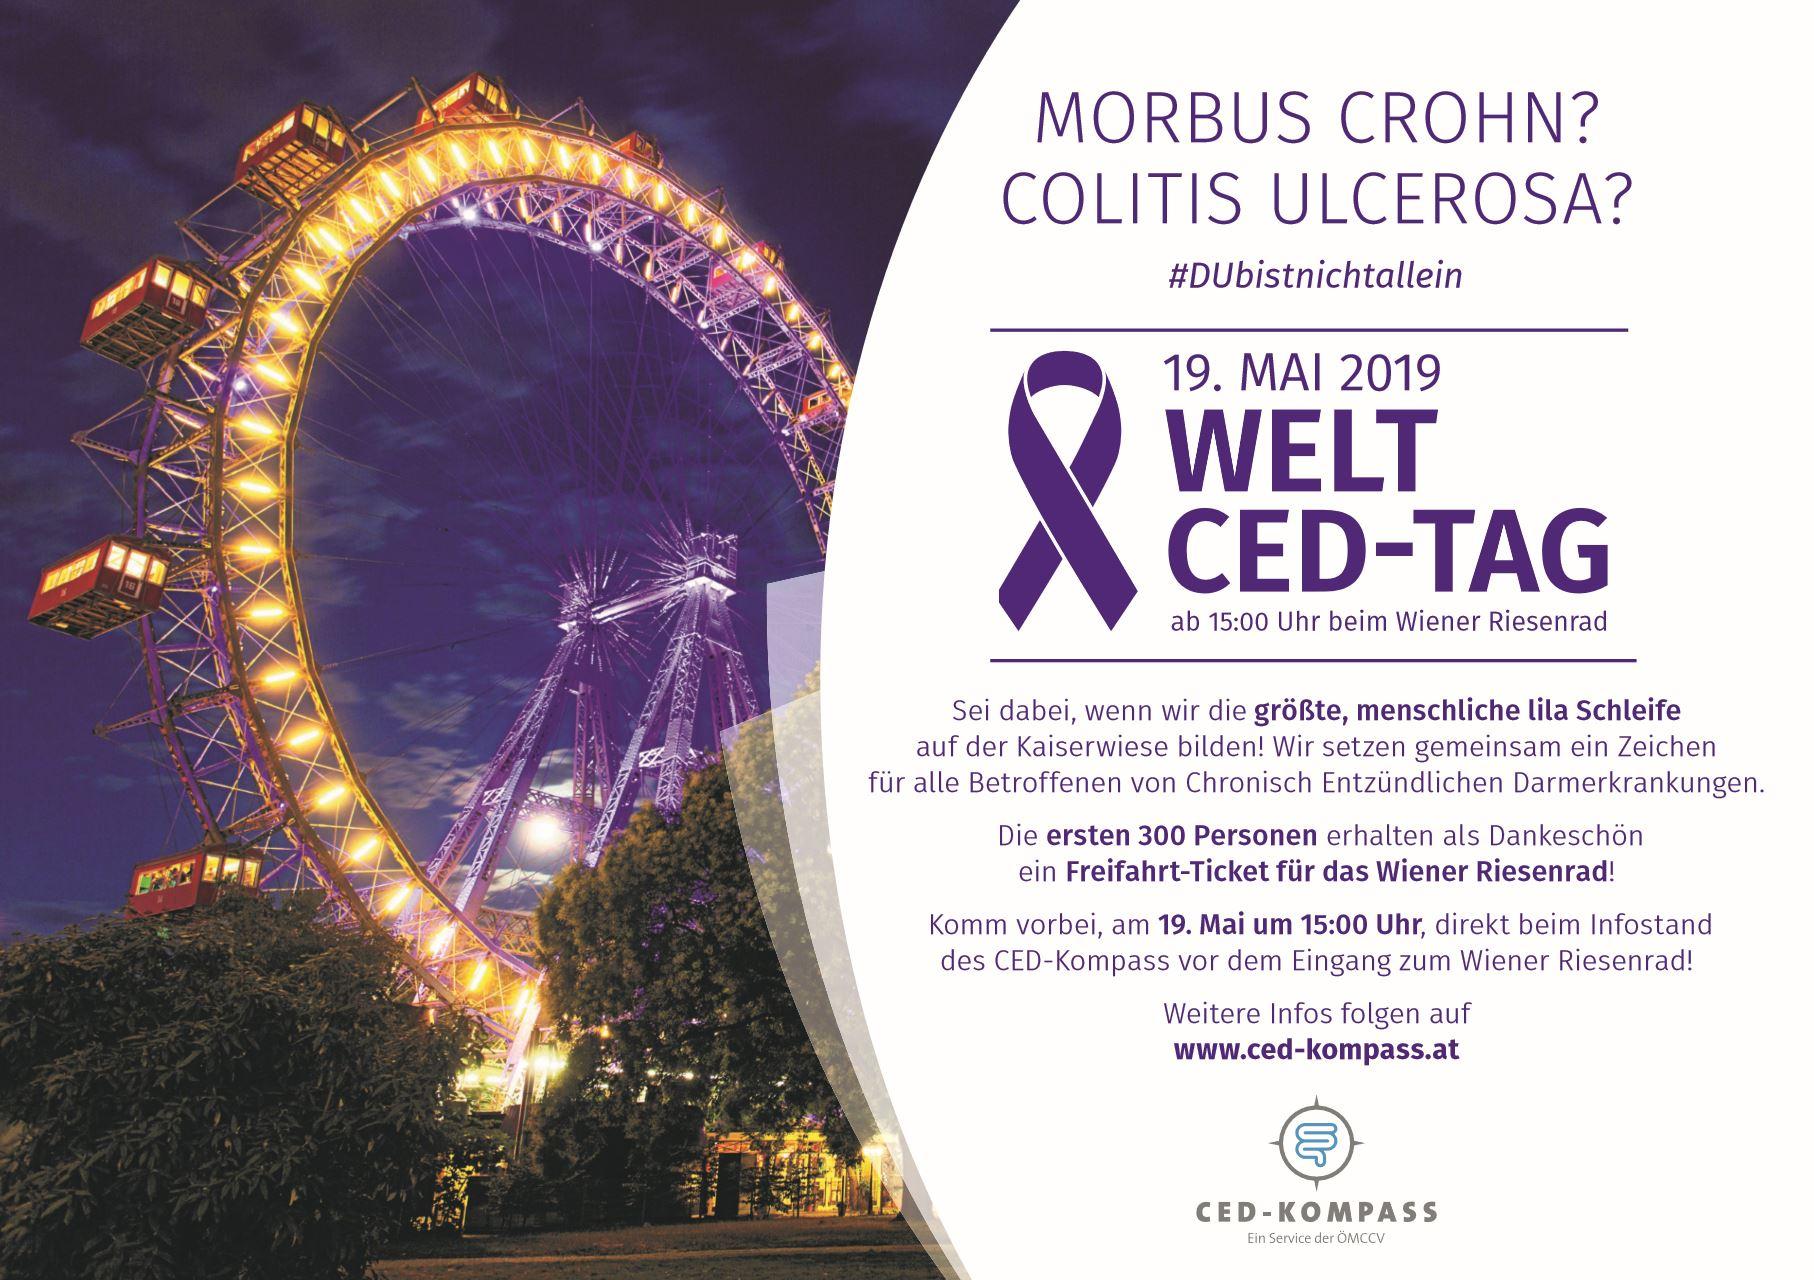 Welt-CED-Tag beim Wiener Riesenrad - hol dir dein Freifahrt-Ticket!